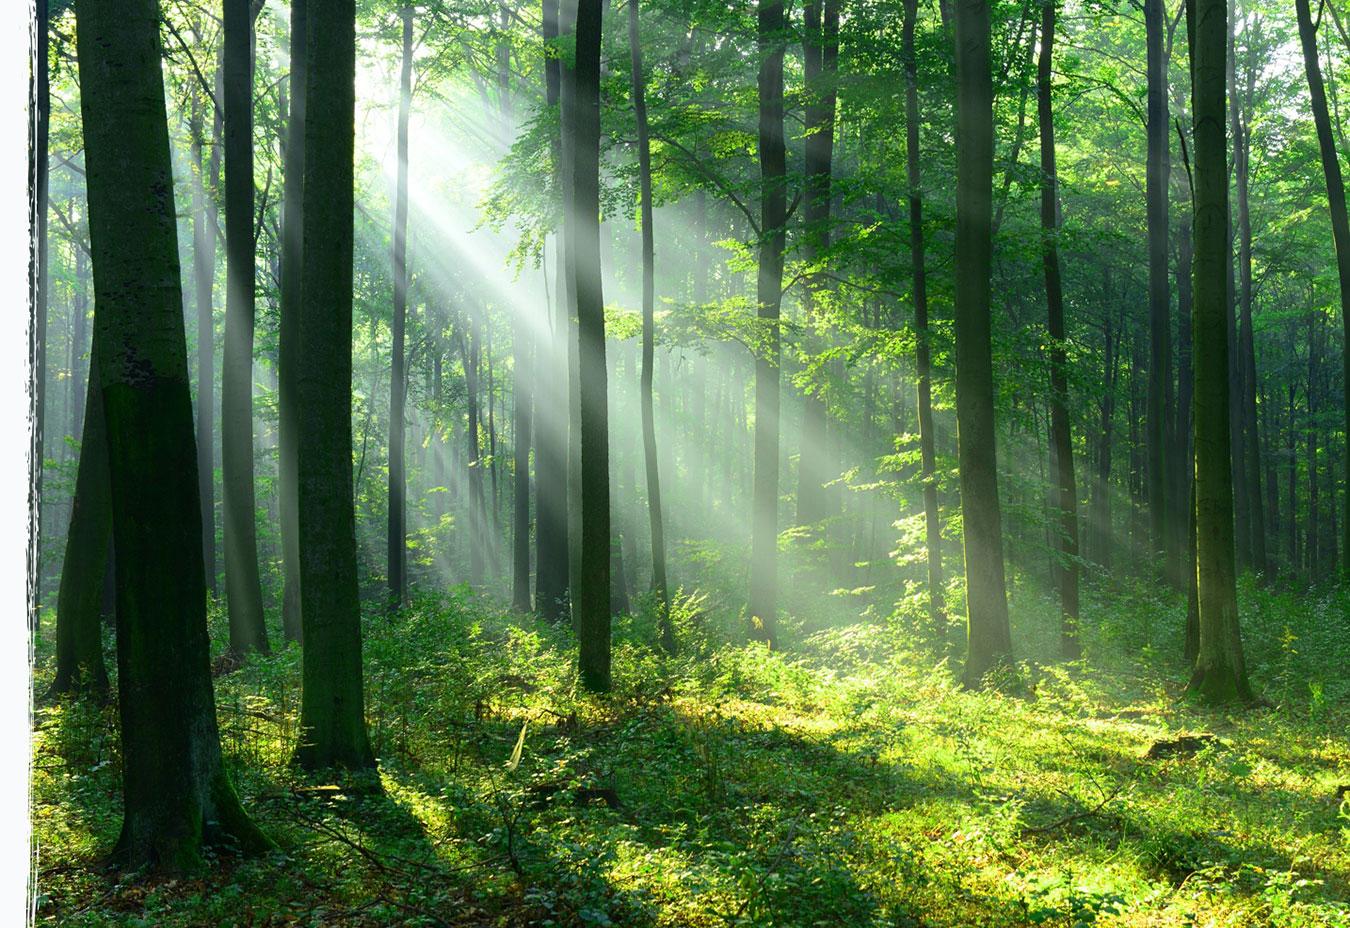 Wysokie, smukłe pnie drzew w lesie opromnienione snopem słonecznego światła